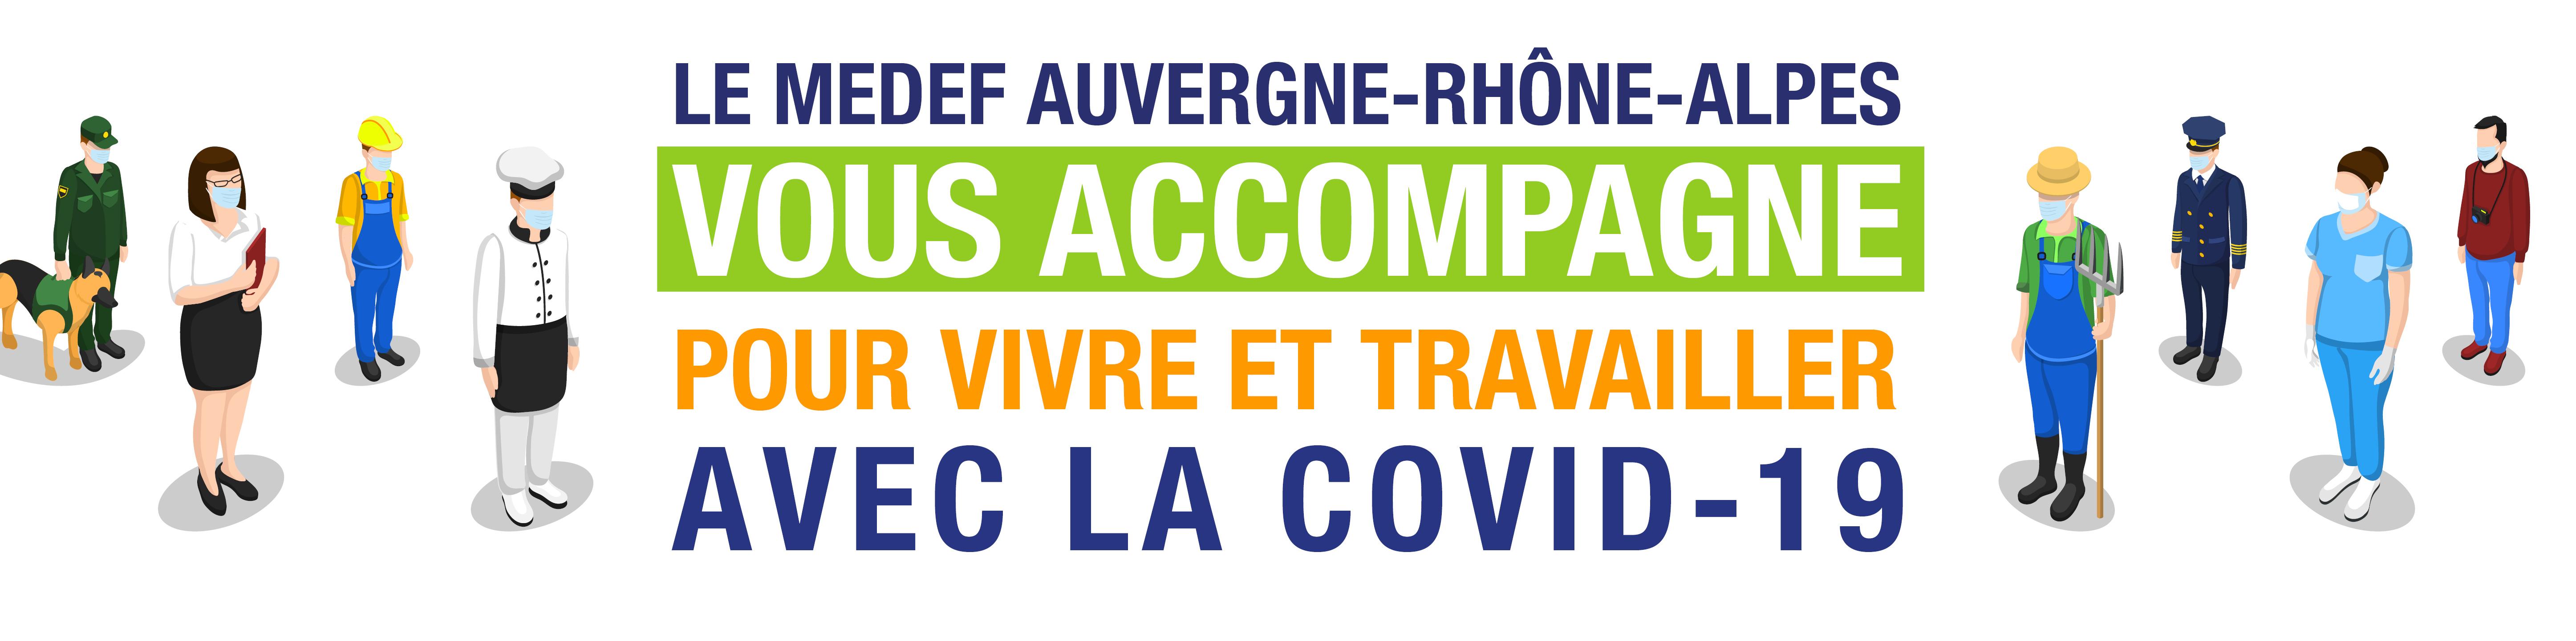 Lyon Auvergne Rhône-Alpes Actualités 5e812c45-6d14-482c-879f-603bc2cafc9c